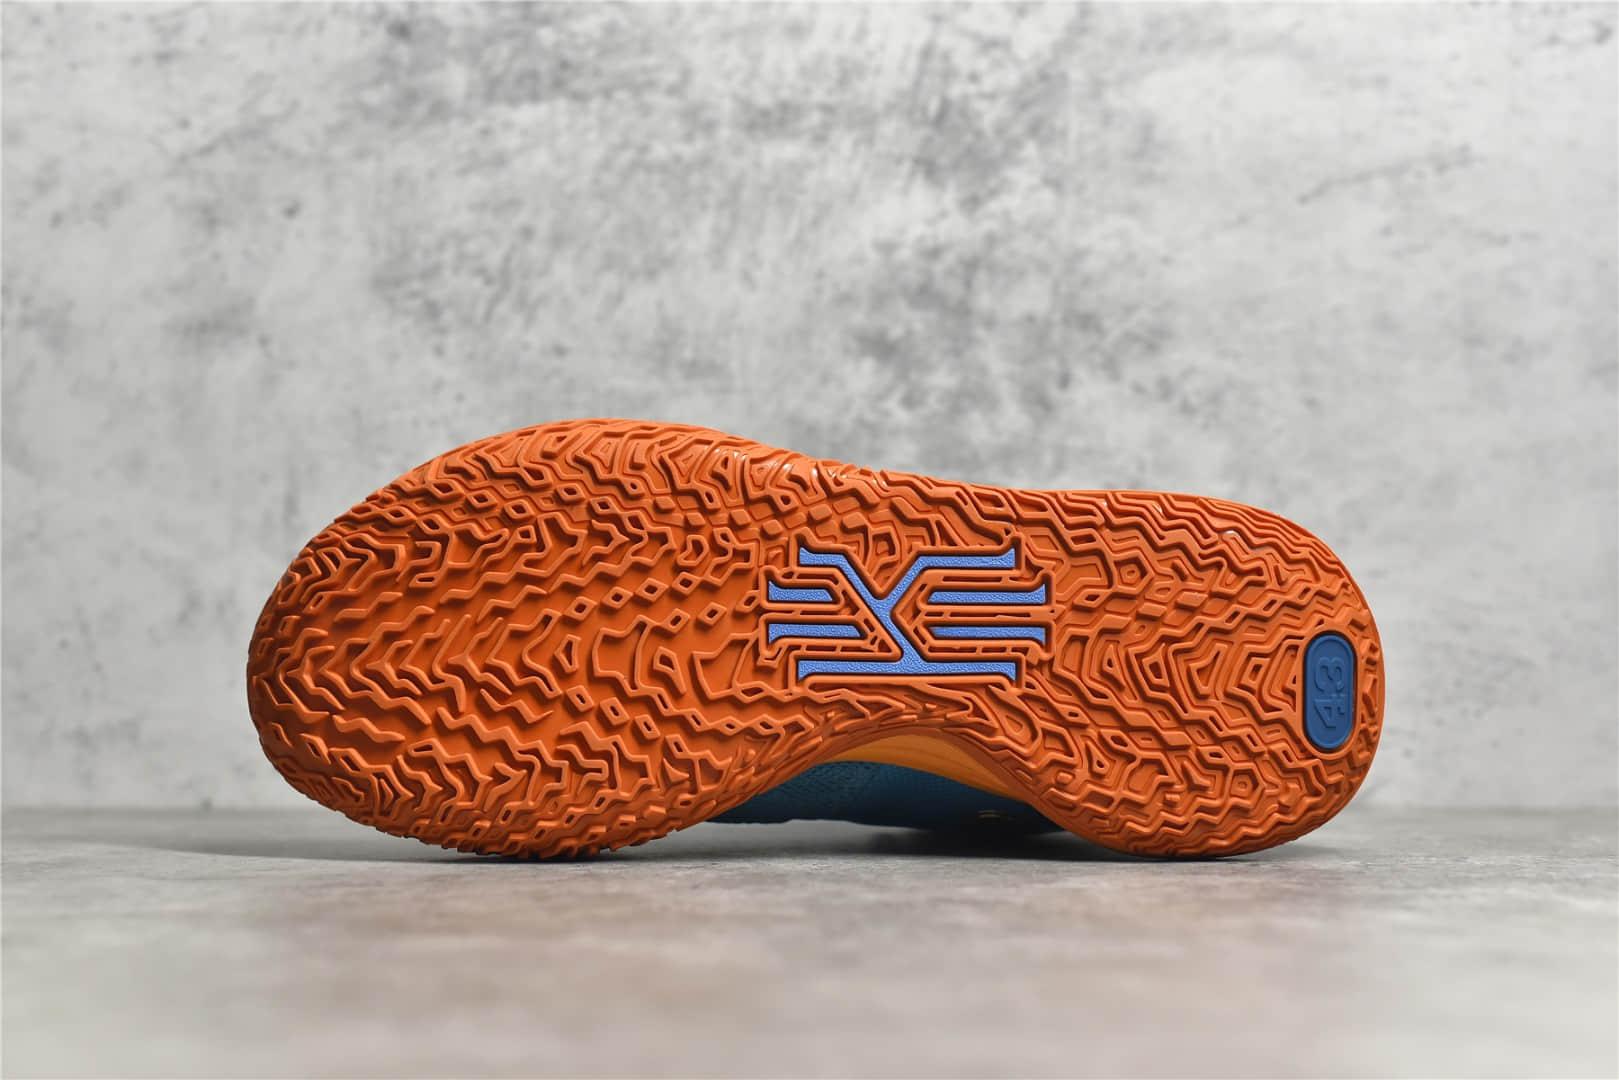 耐克欧文7荷鲁斯联名款 Concepts x Nike Kyrie 7 欧文7代 Concepts特殊联名